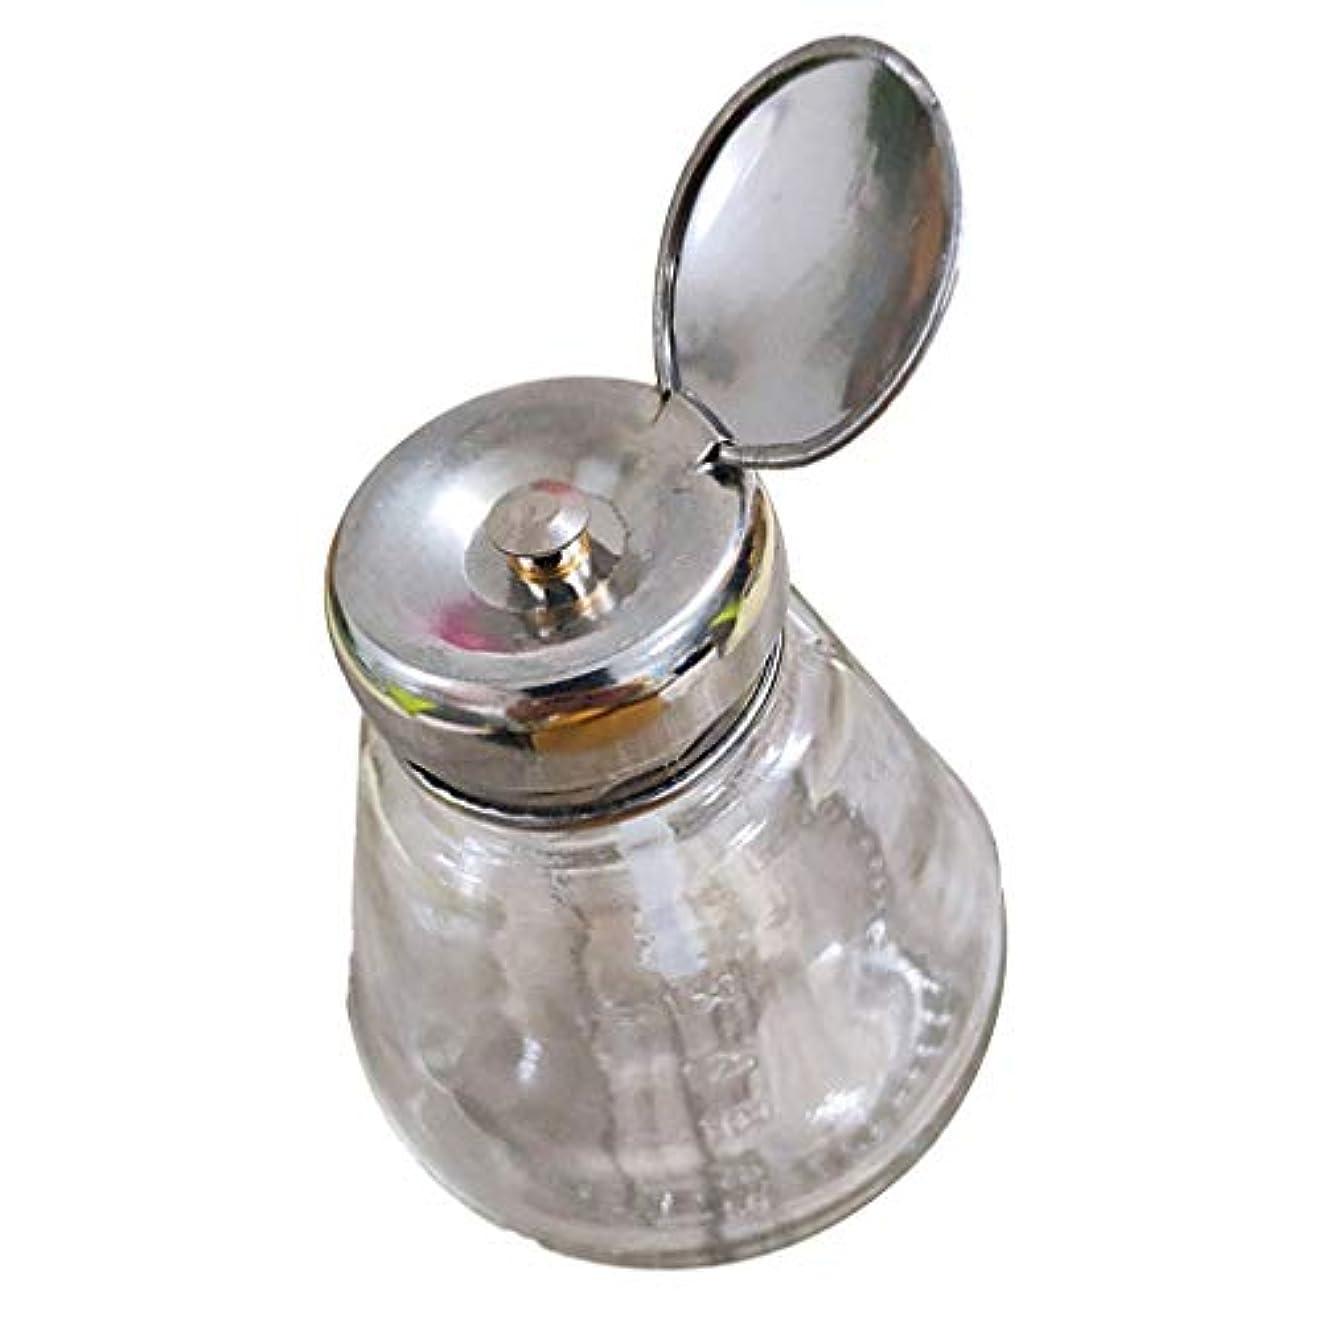 八百屋さんまた明日ね同盟ポンプディスペンサー プレスボトル 空ポンプボトル 逆流防止 ネイルサロン用 ネイルアートツール